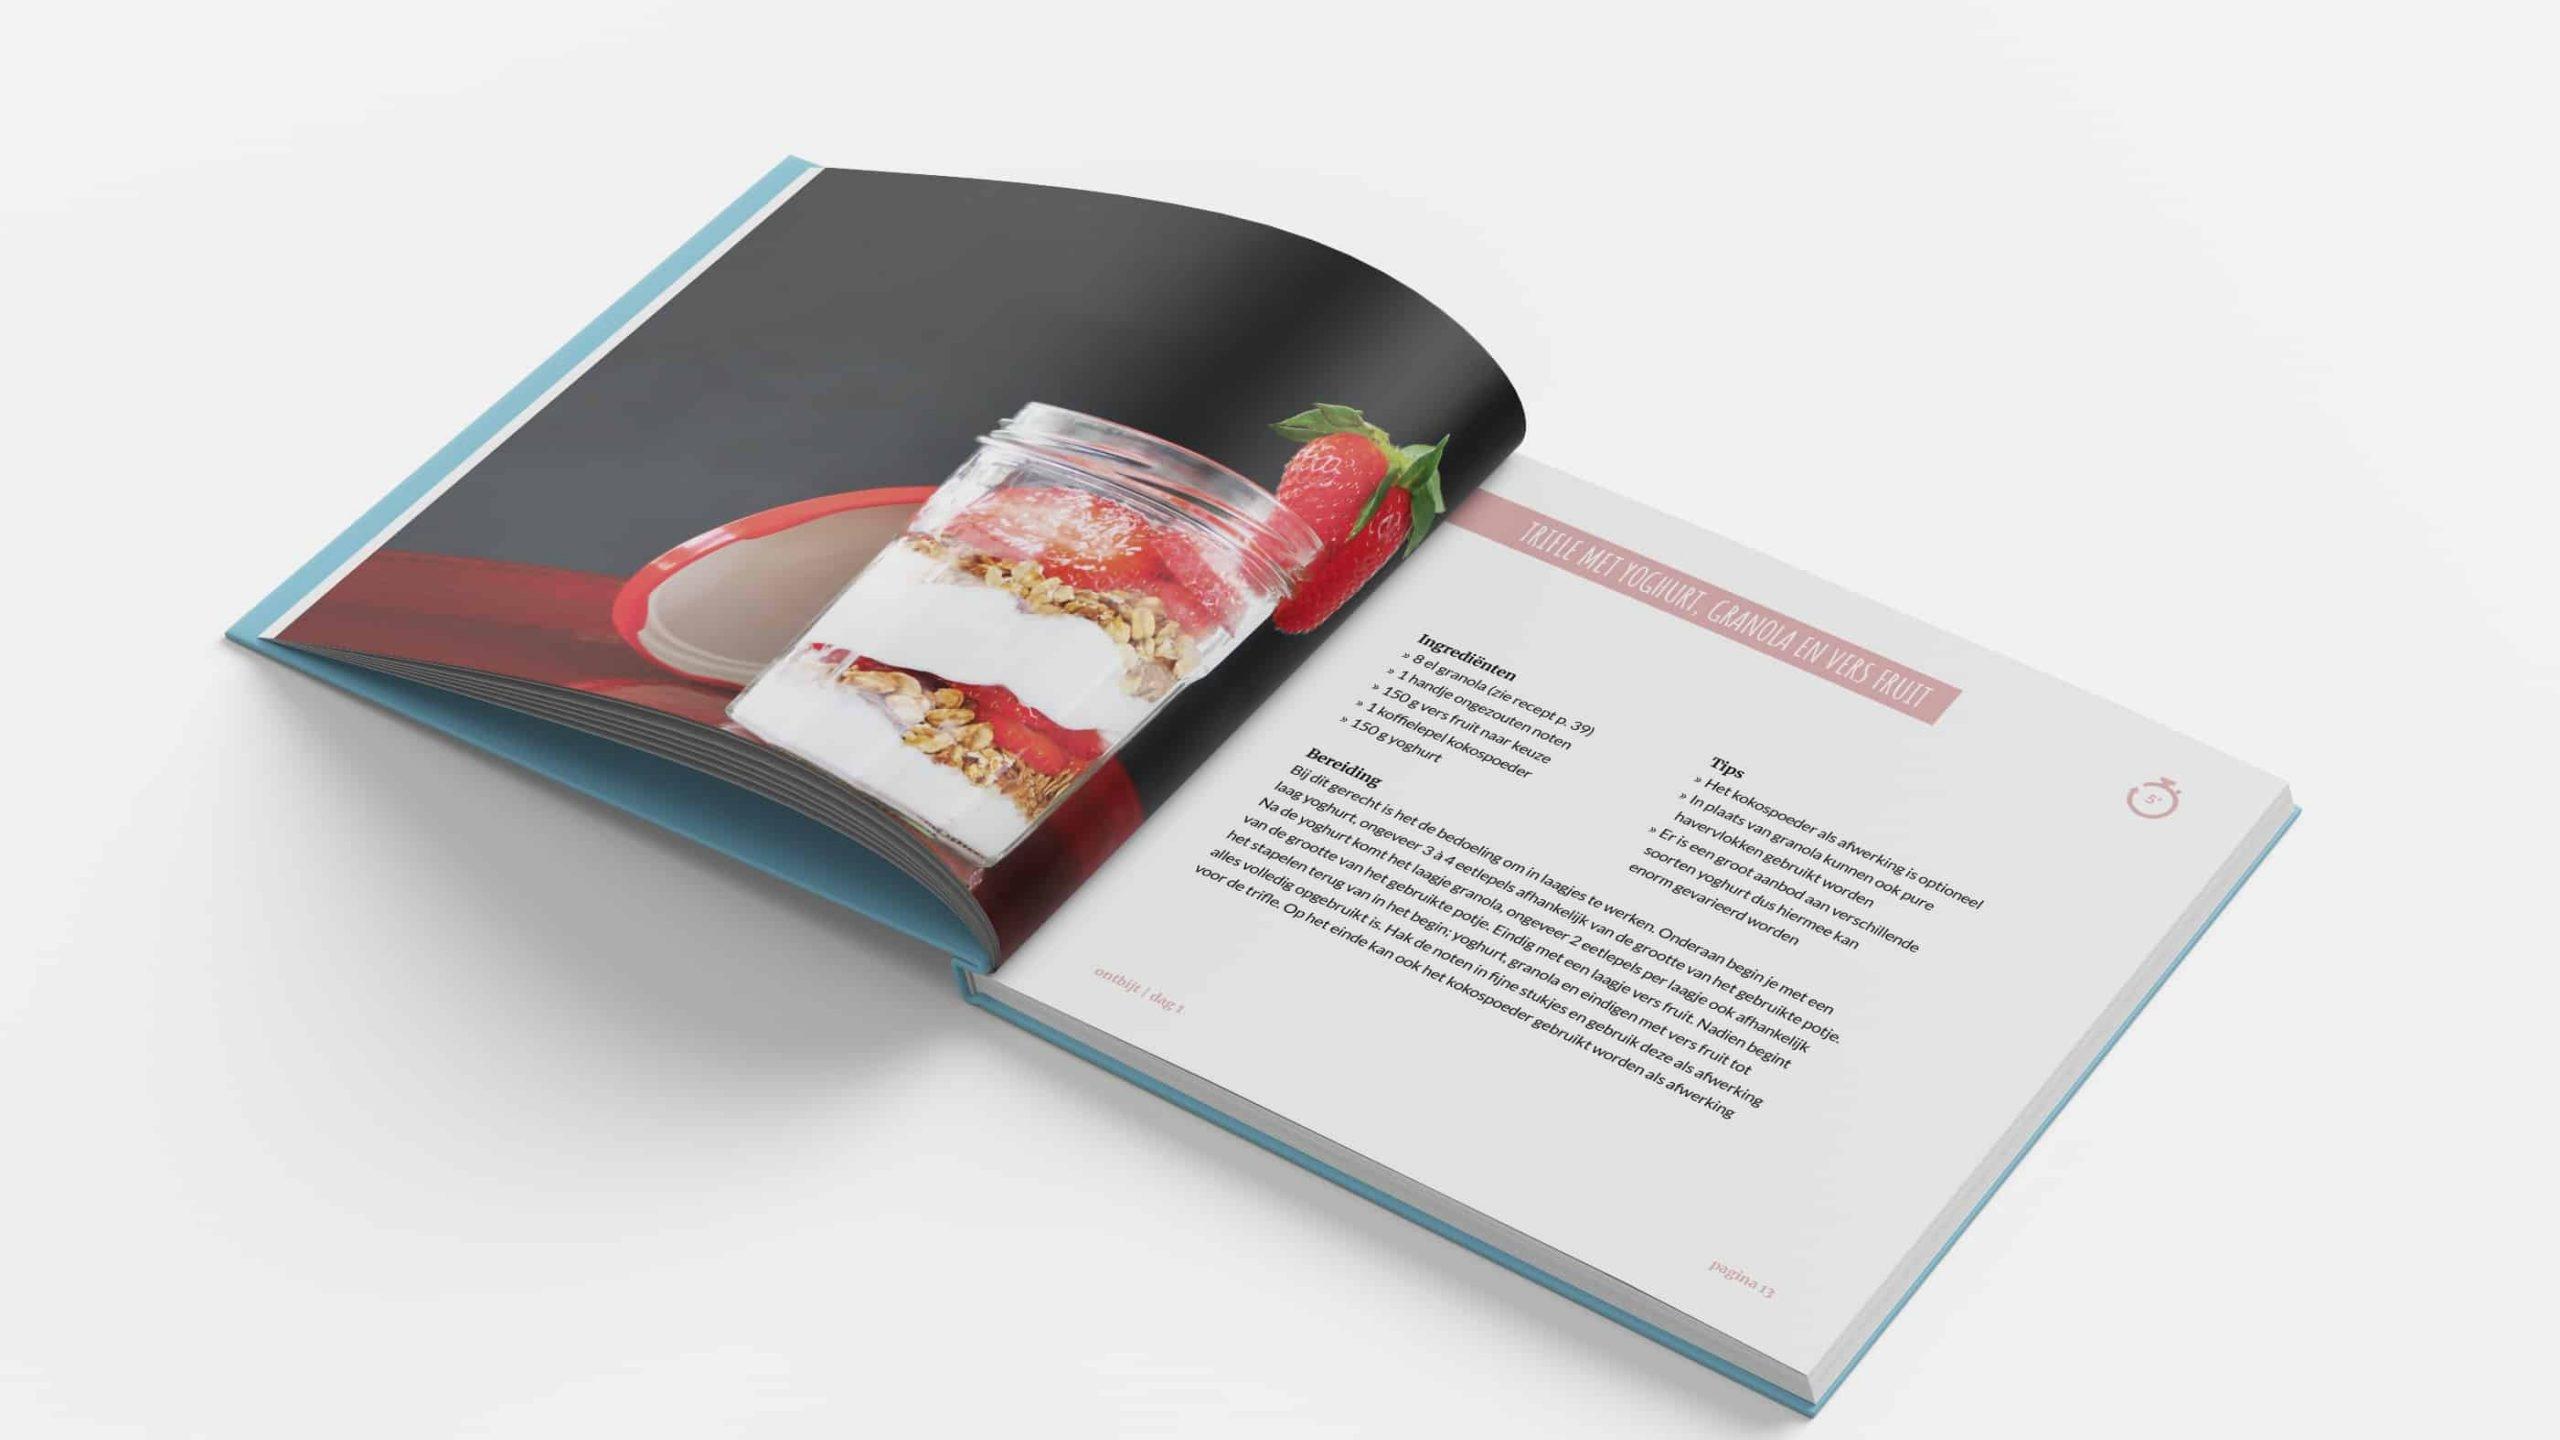 Larkom Gewoonweg Lekker kookboek render 00001 scaled